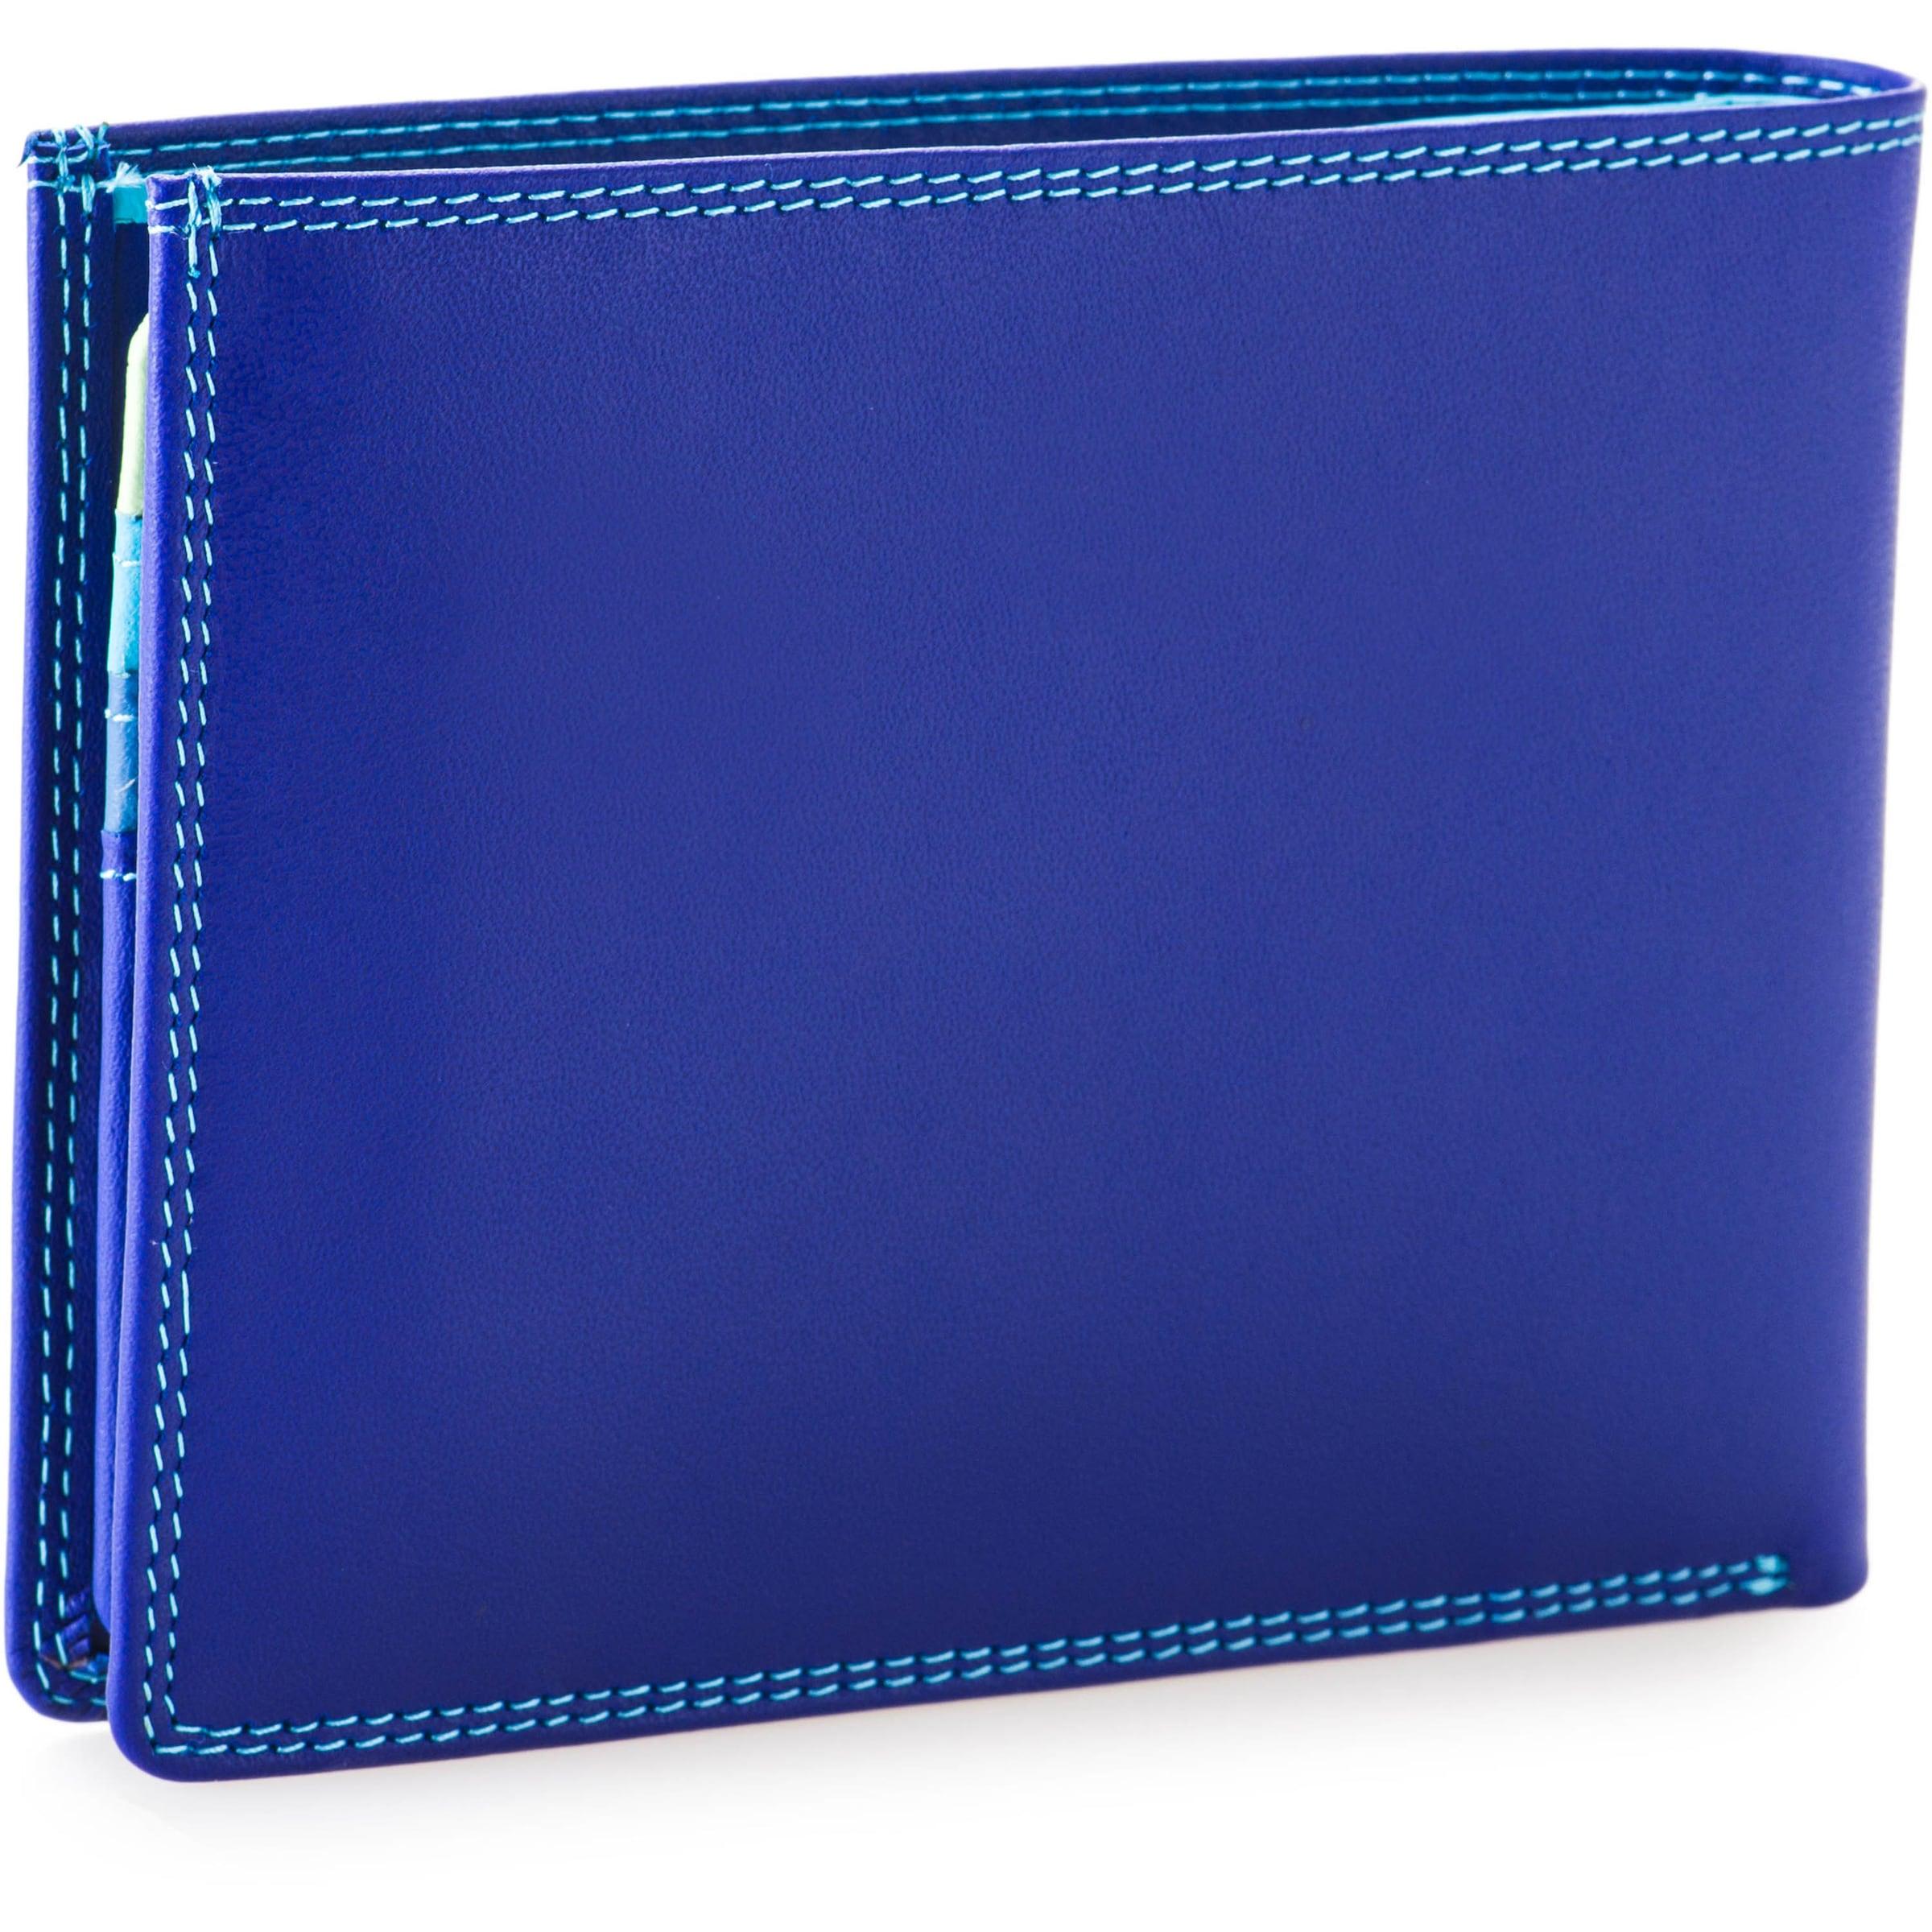 In Mywalit Blau In Geldbörse Blau Geldbörse Mywalit Mywalit Geldbörse 2DHI9E